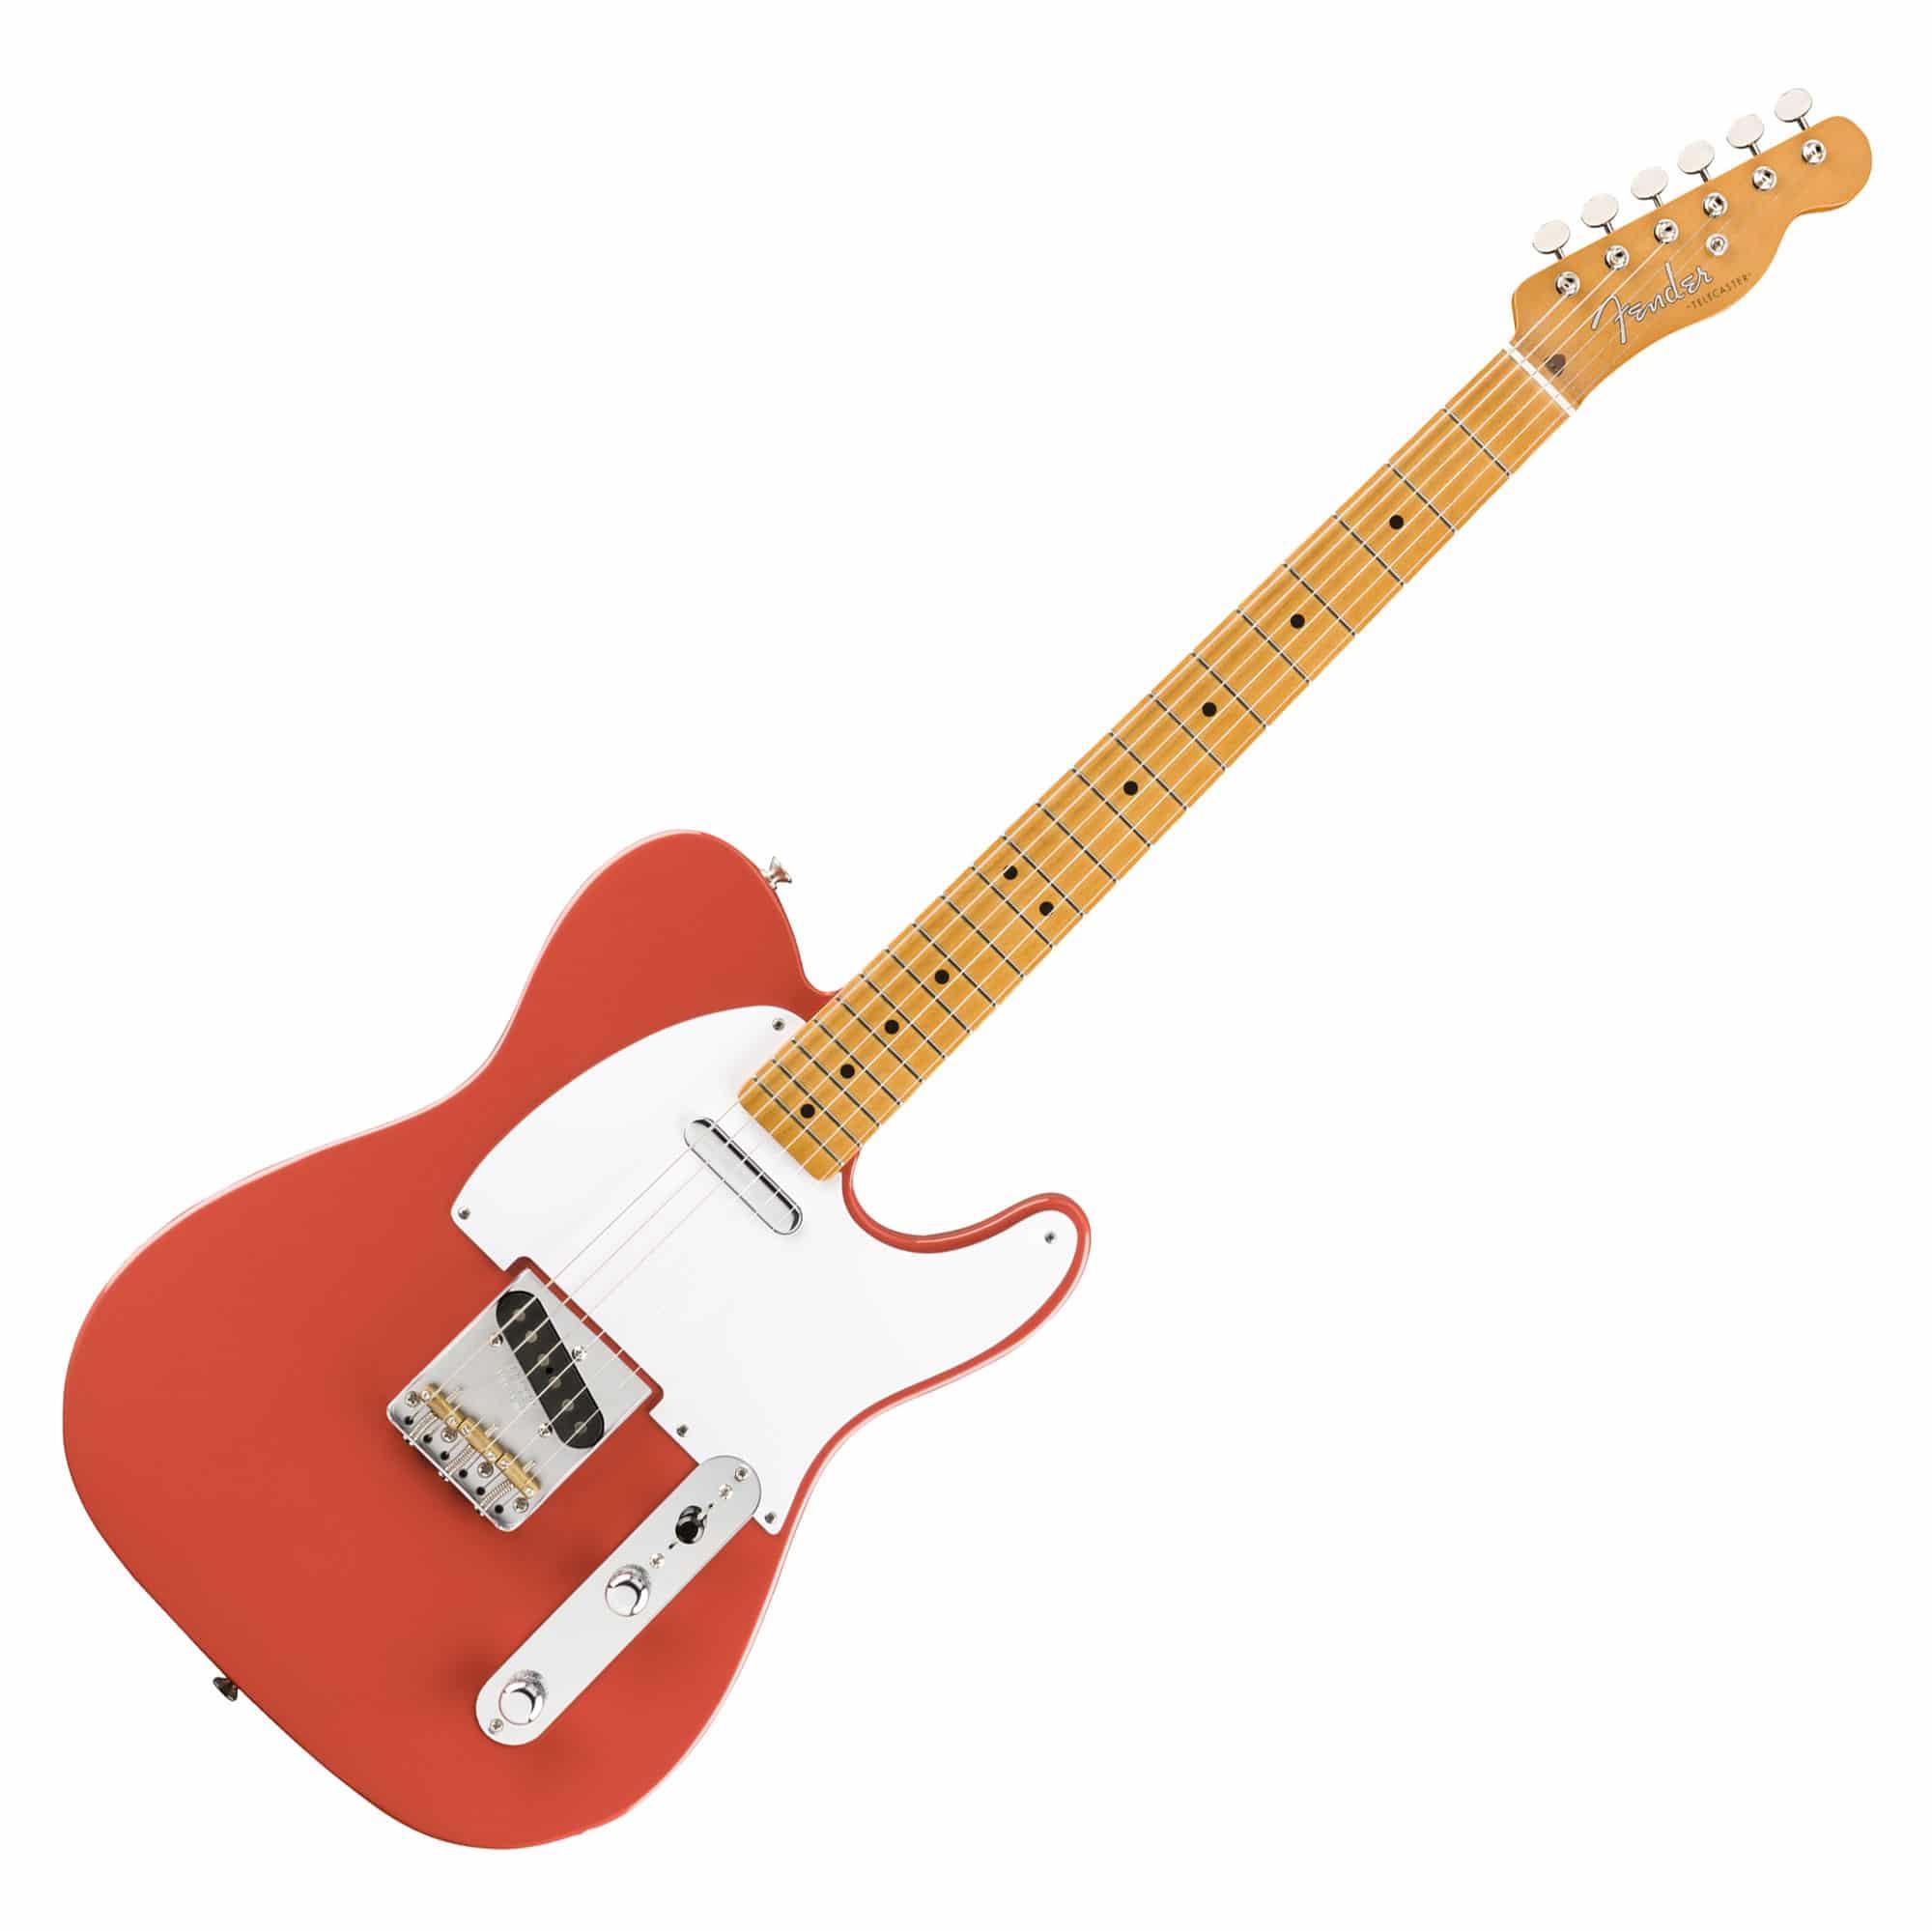 Egitarren - Fender Vintera '50s Tele MN FRD - Onlineshop Musikhaus Kirstein